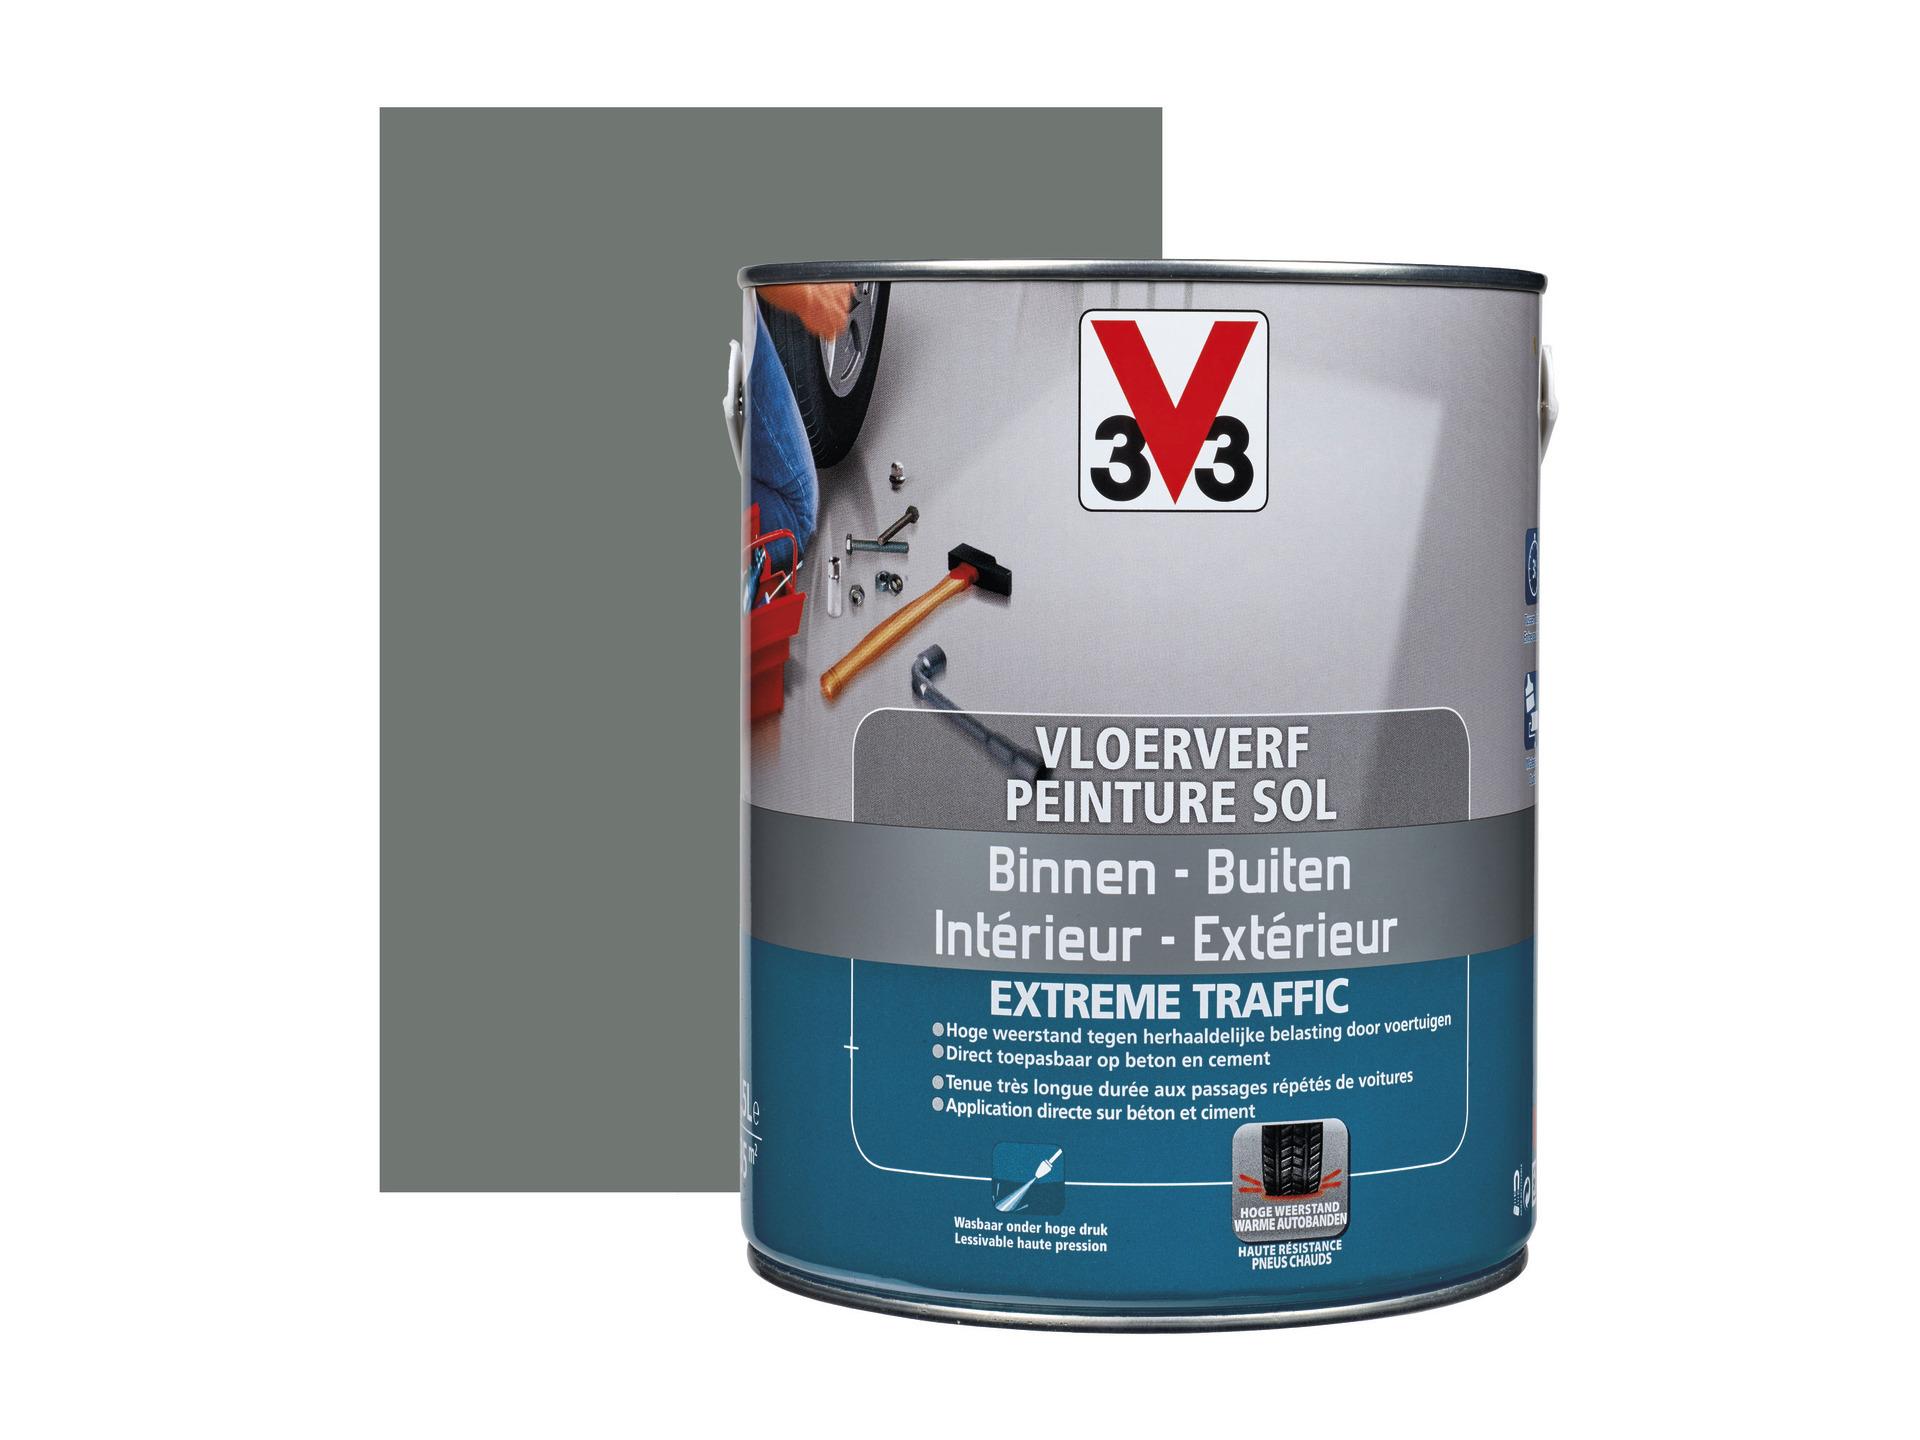 V33 Peinture Pour Sol Trafic Extrême 25l Satin Béton Hubo